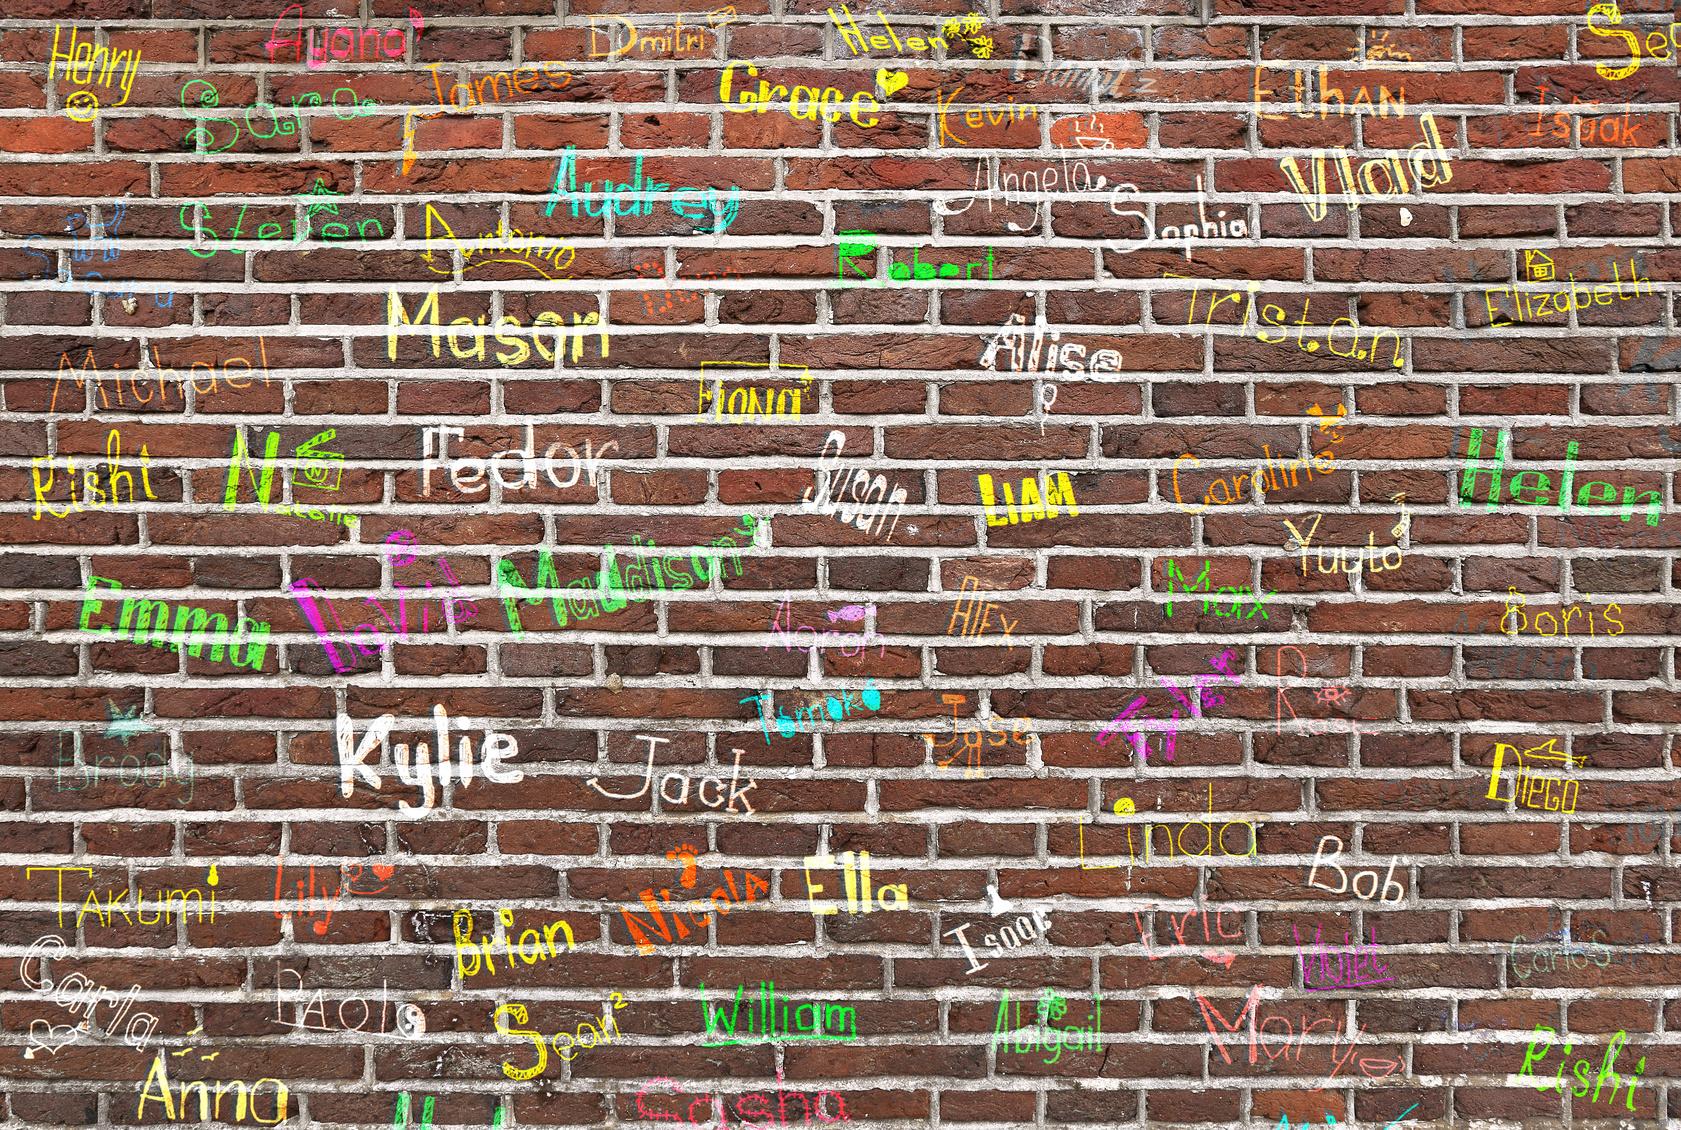 hildren's names written on a brick wall